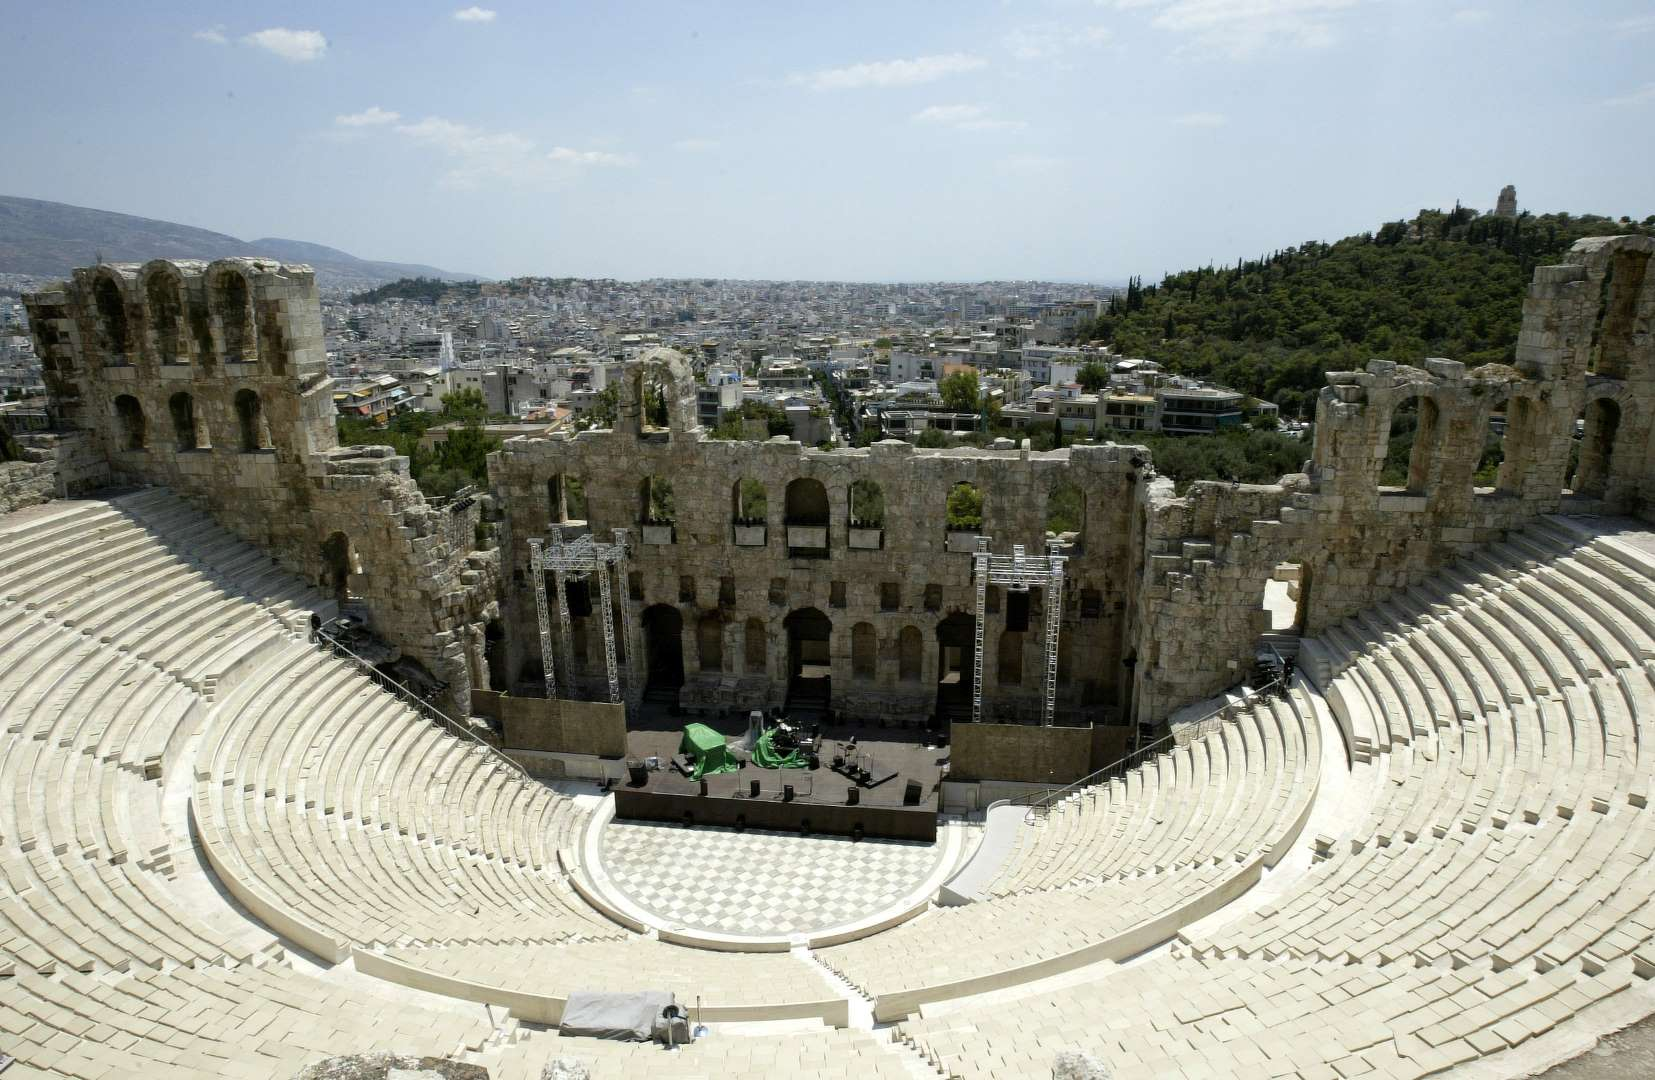 20 πράγματα που έχει προσφέρει στον κόσμο η Ελλάδα και δεν τα ξέρουν οι ξένοι! (Photos)